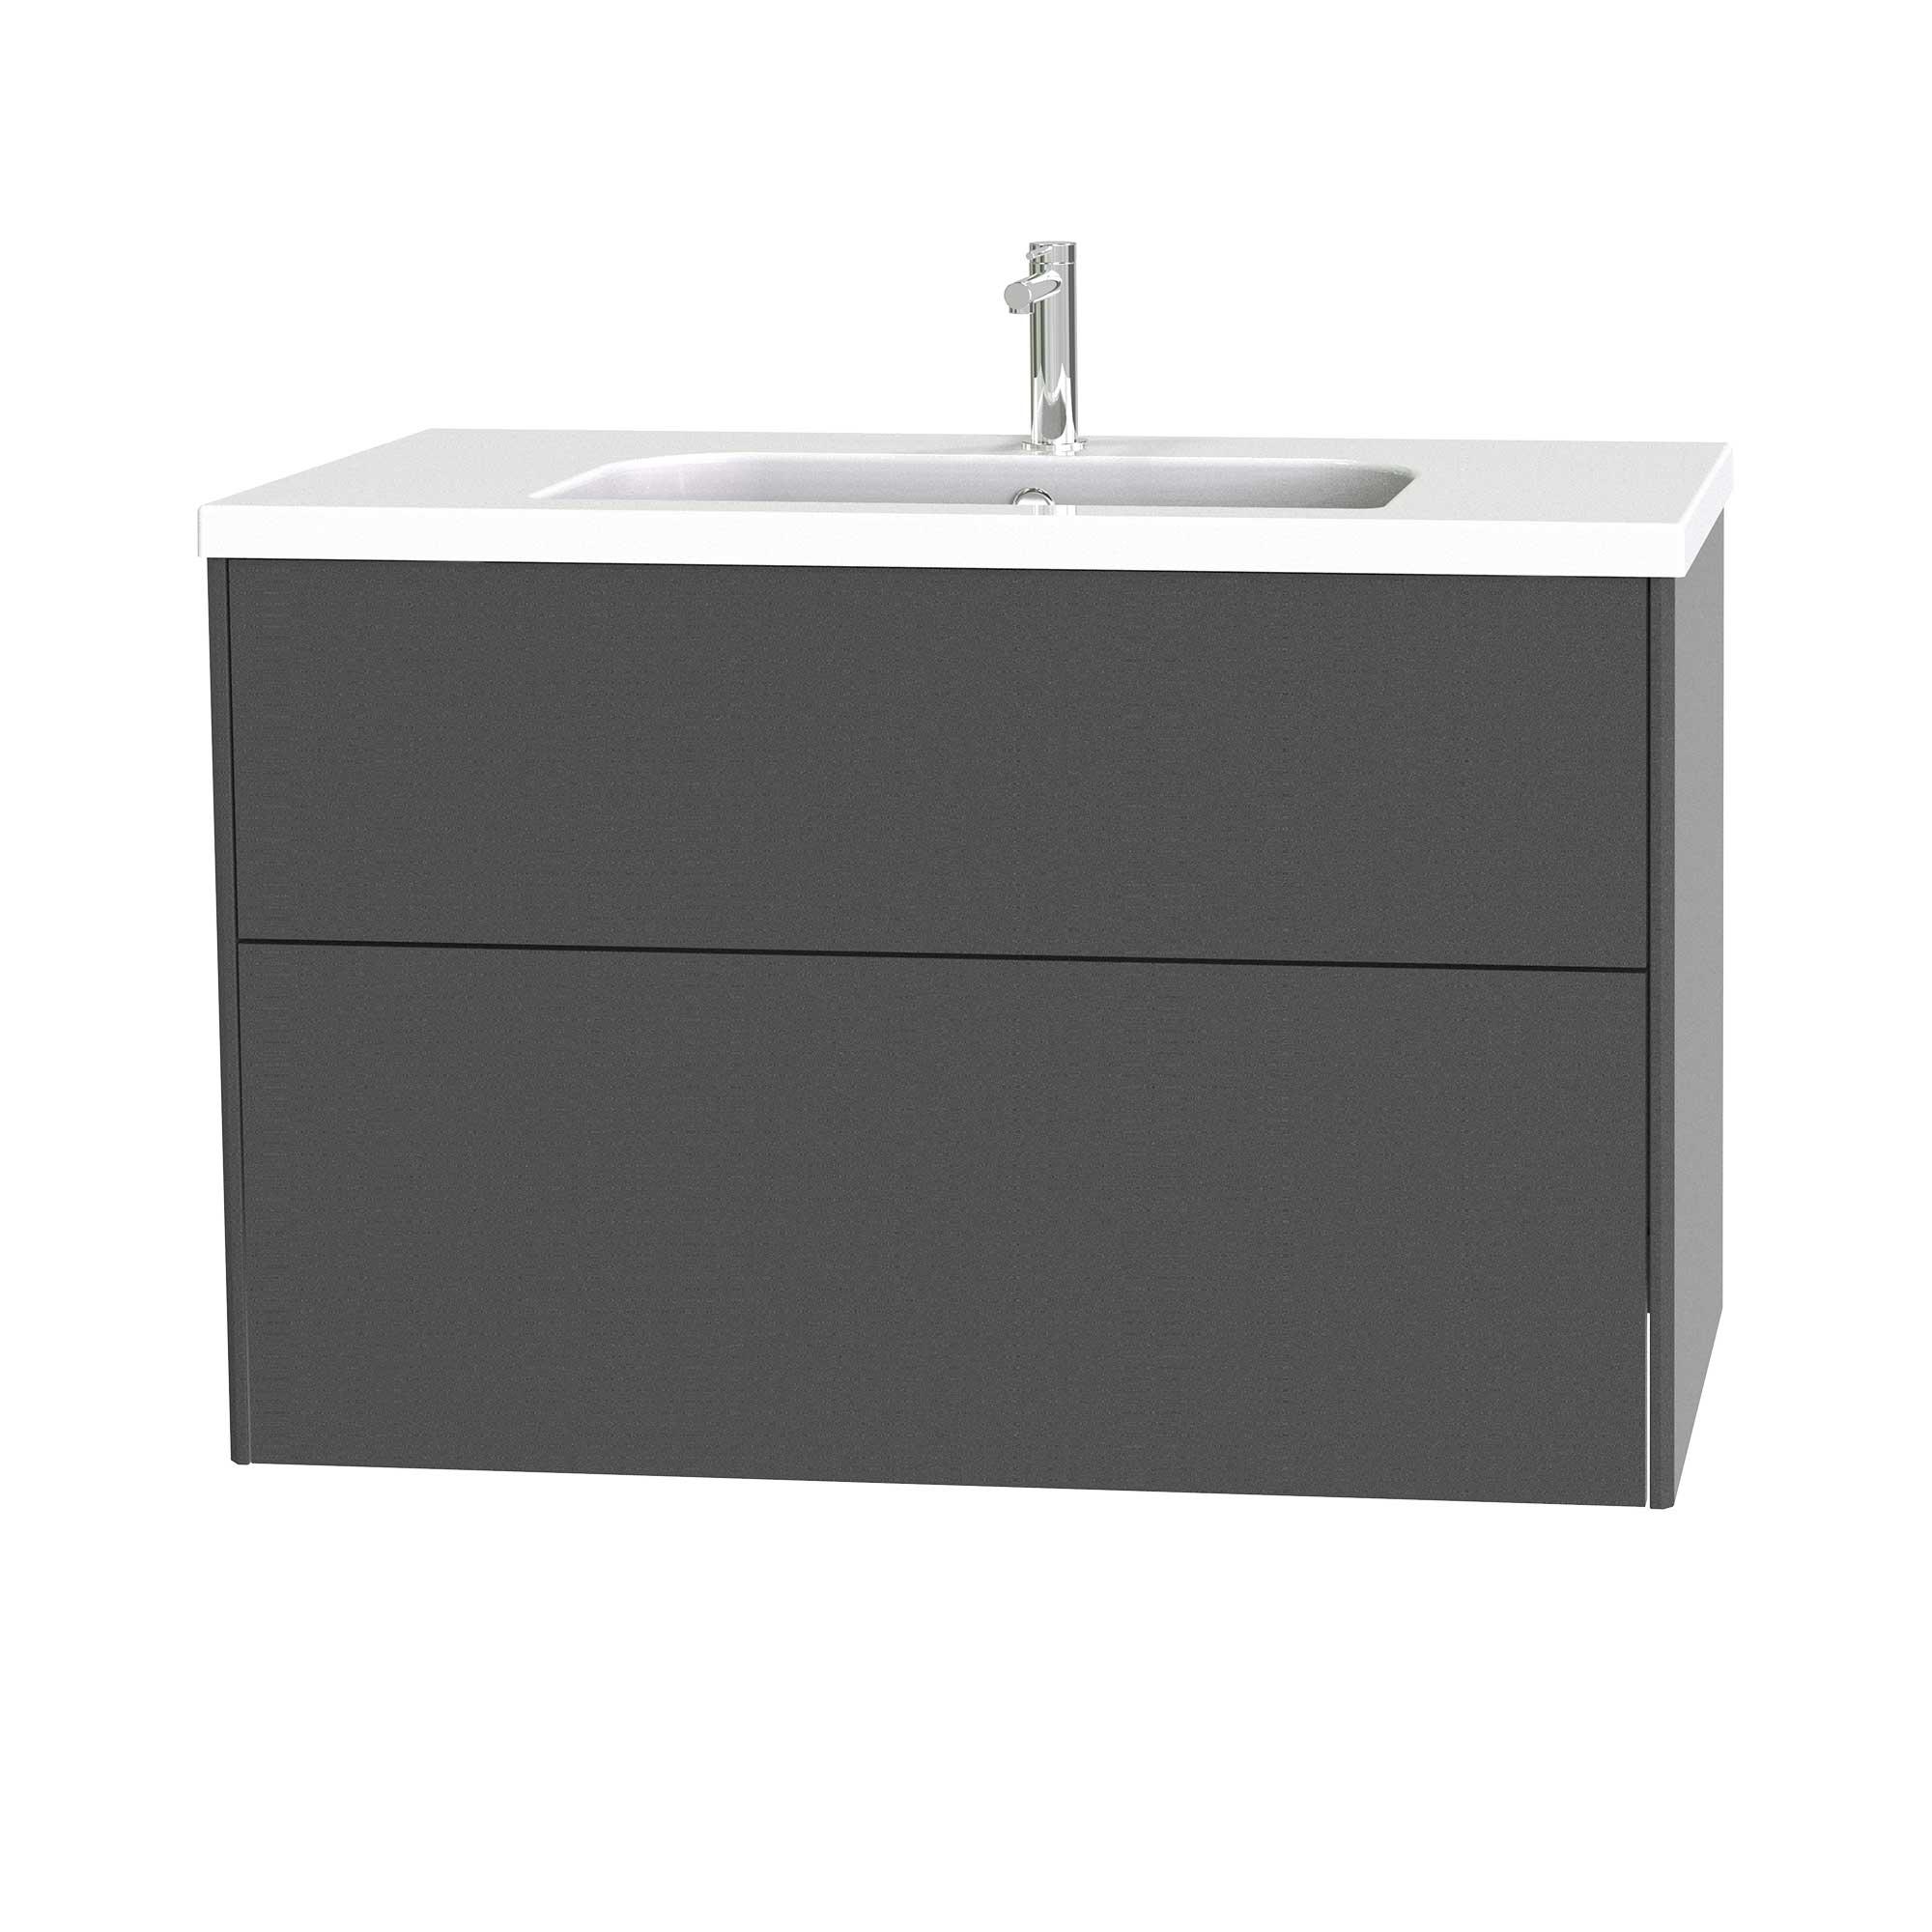 Tvättställsskåp Miller Badrum Brooklyn 100 med Lådor för Heltäckande Tvättställ